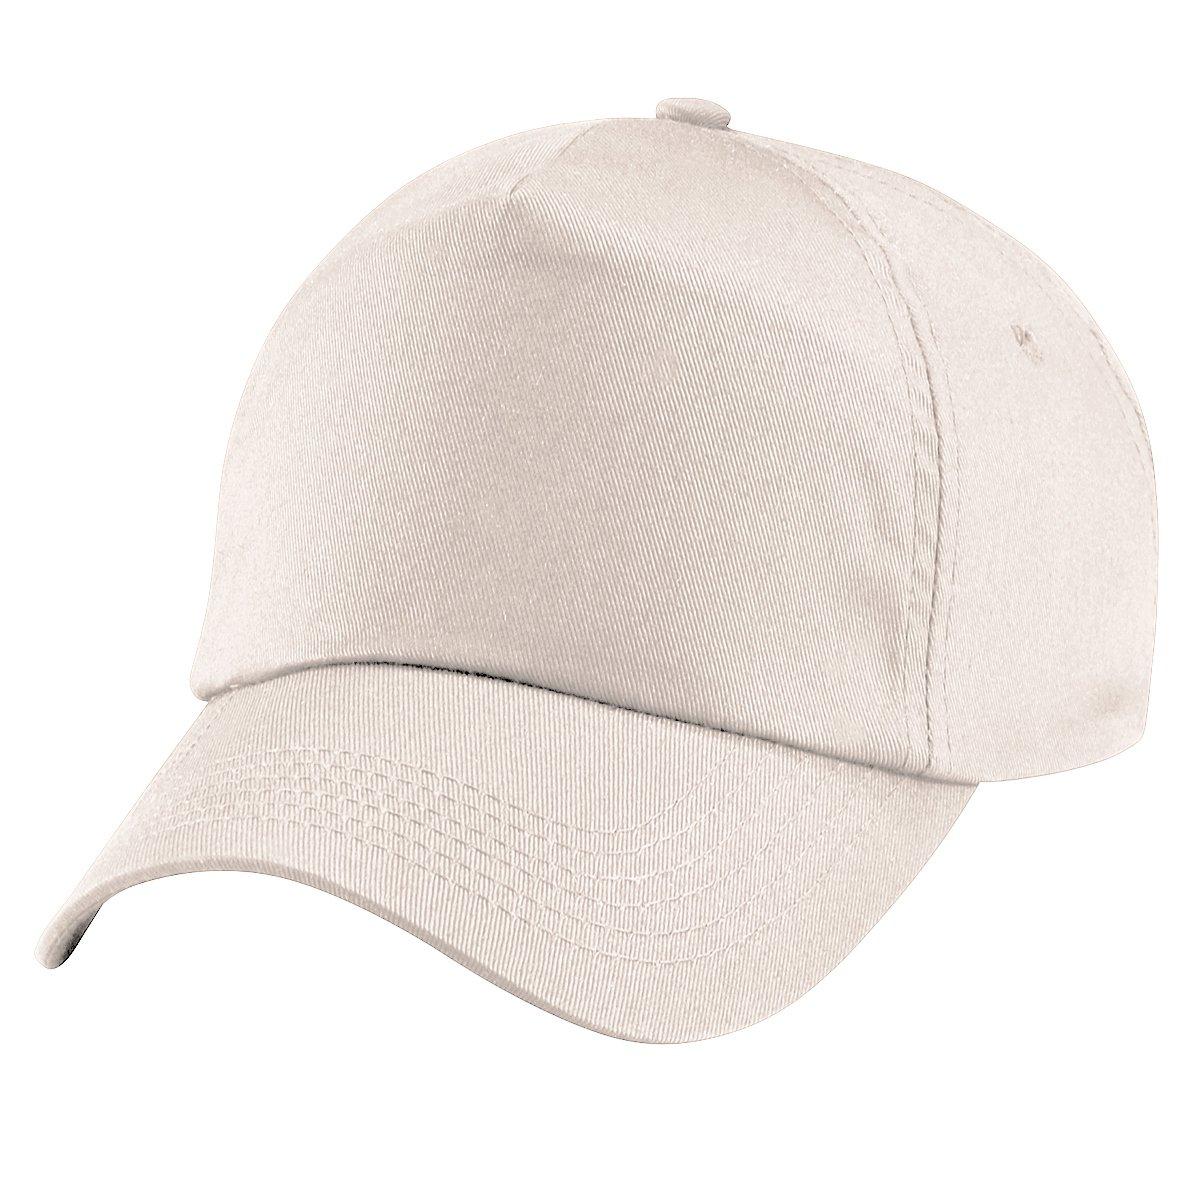 Beechfield - Cappellino Tinta Unita 100% Cotone - Bambino (Taglia unica) (Sabbia)